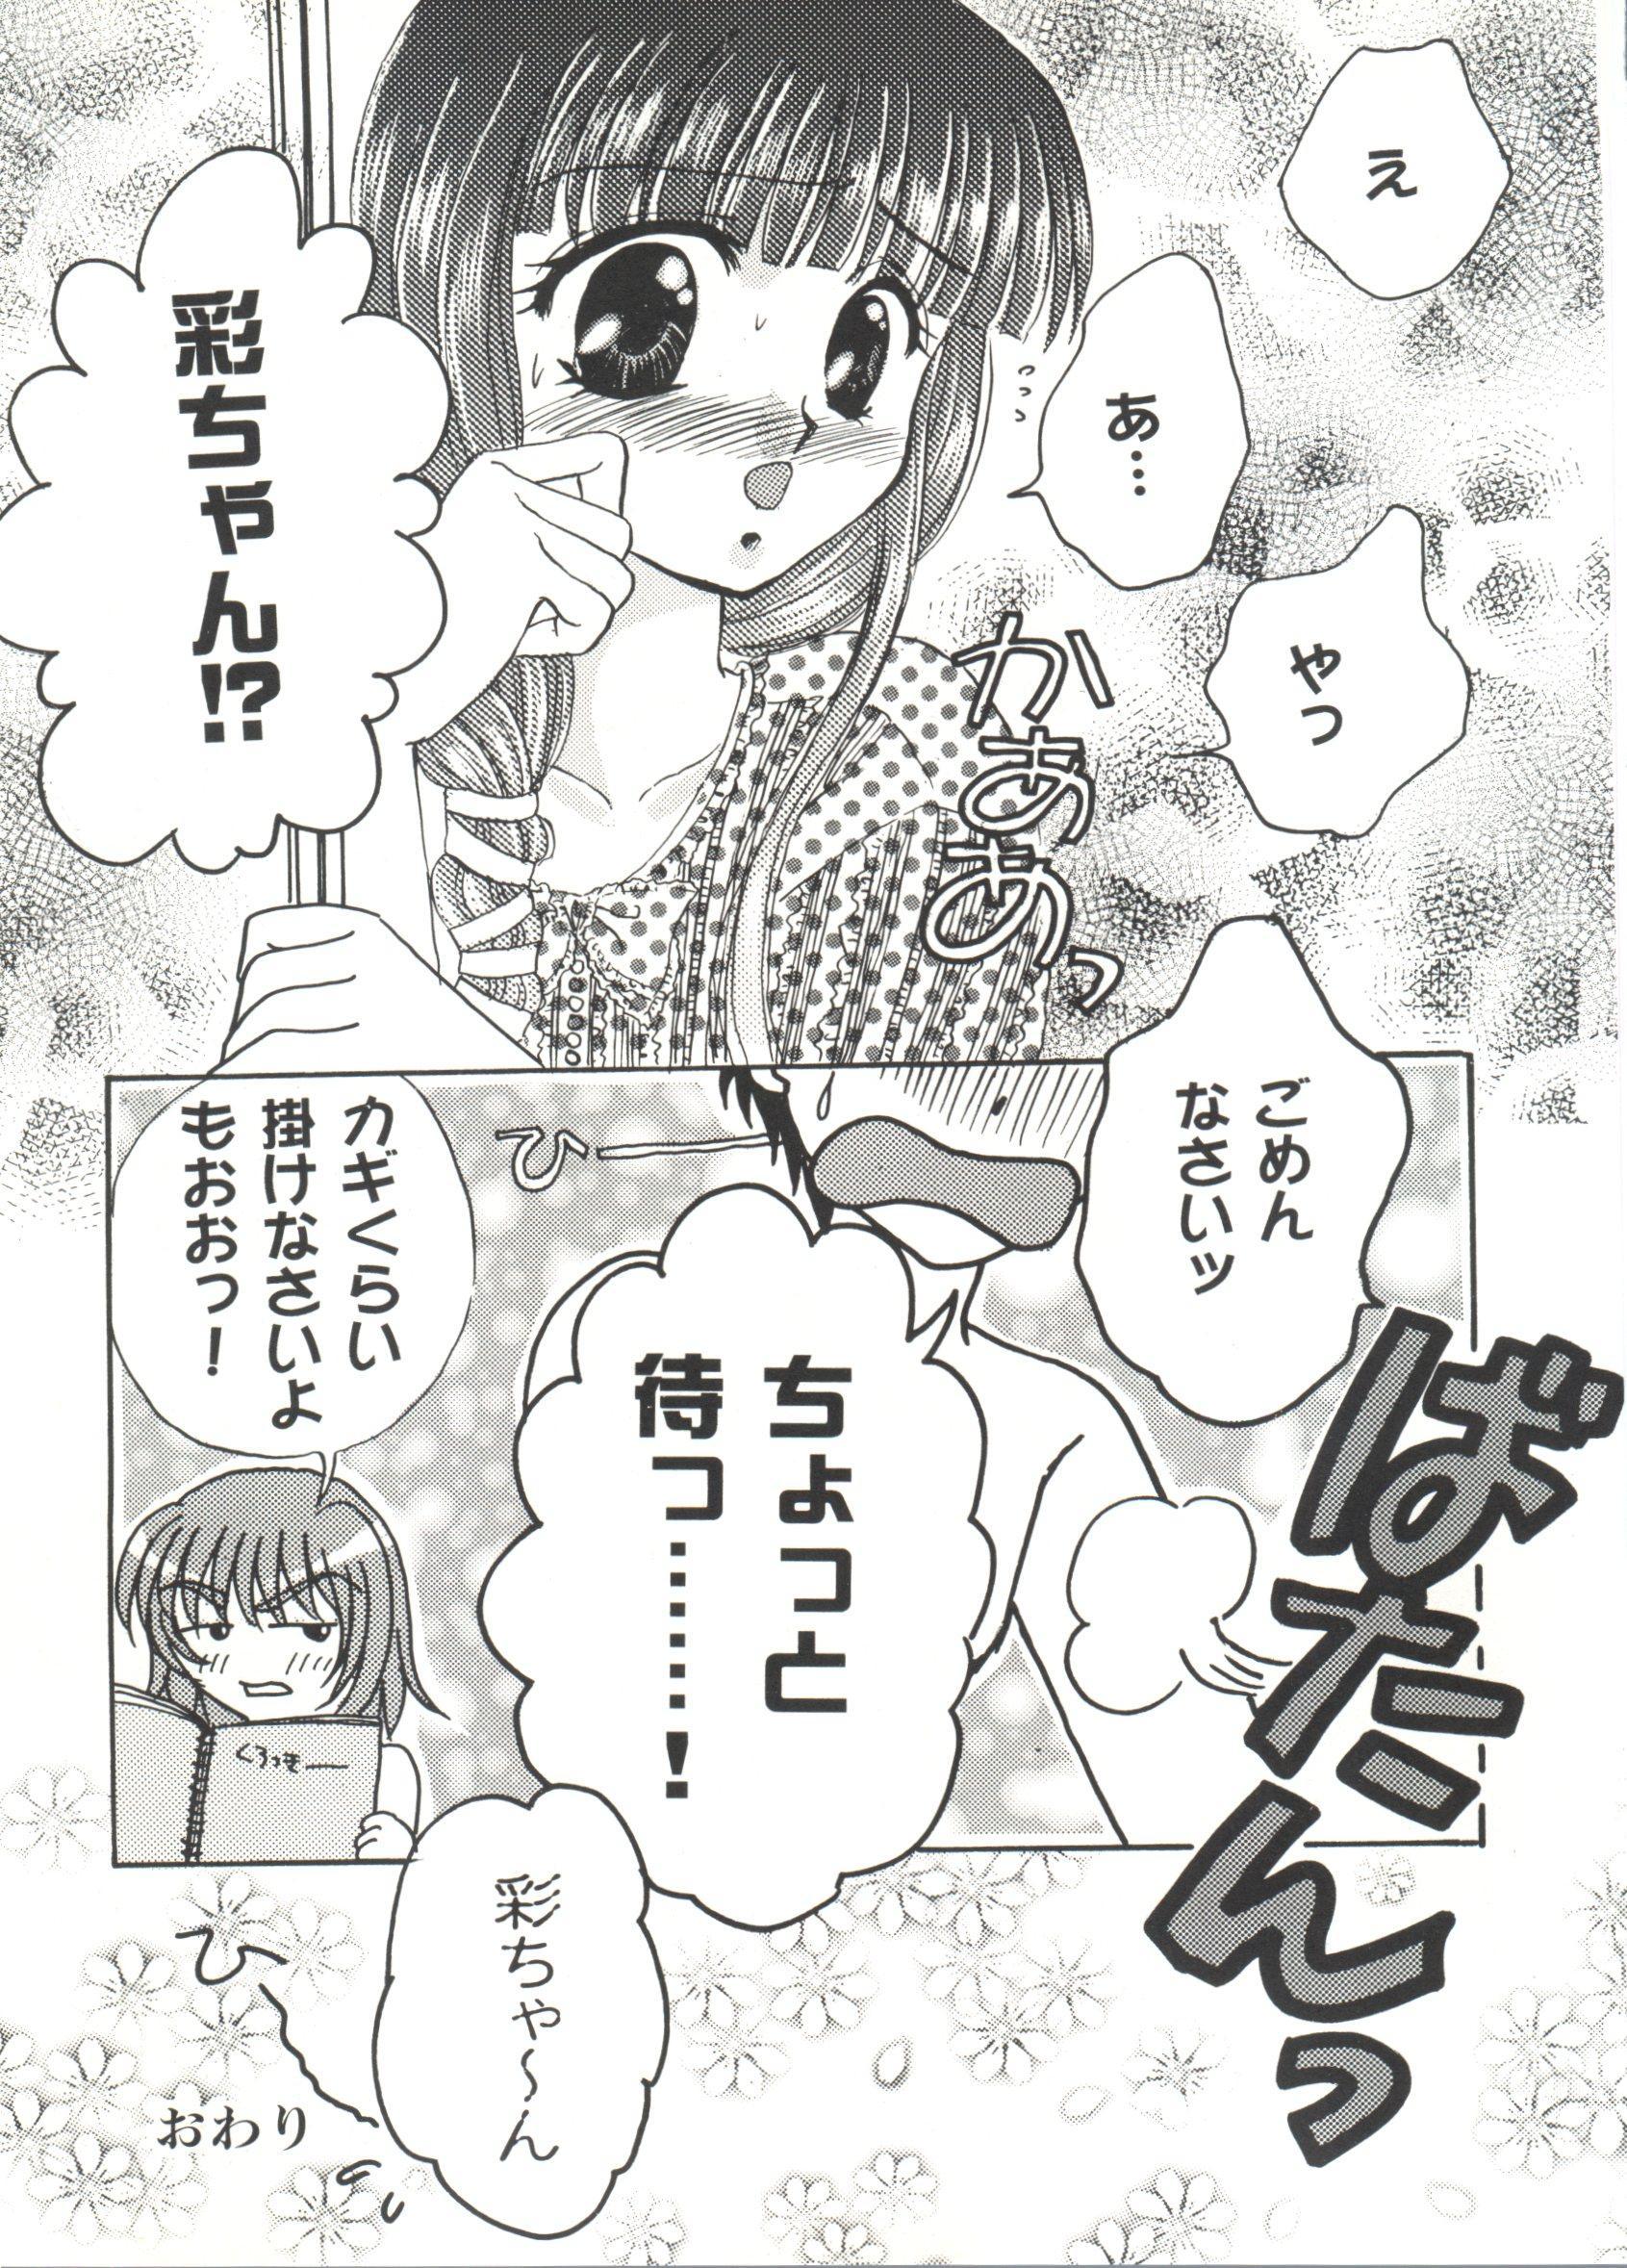 Bishoujo Doujinshi Anthology Cute 5 89